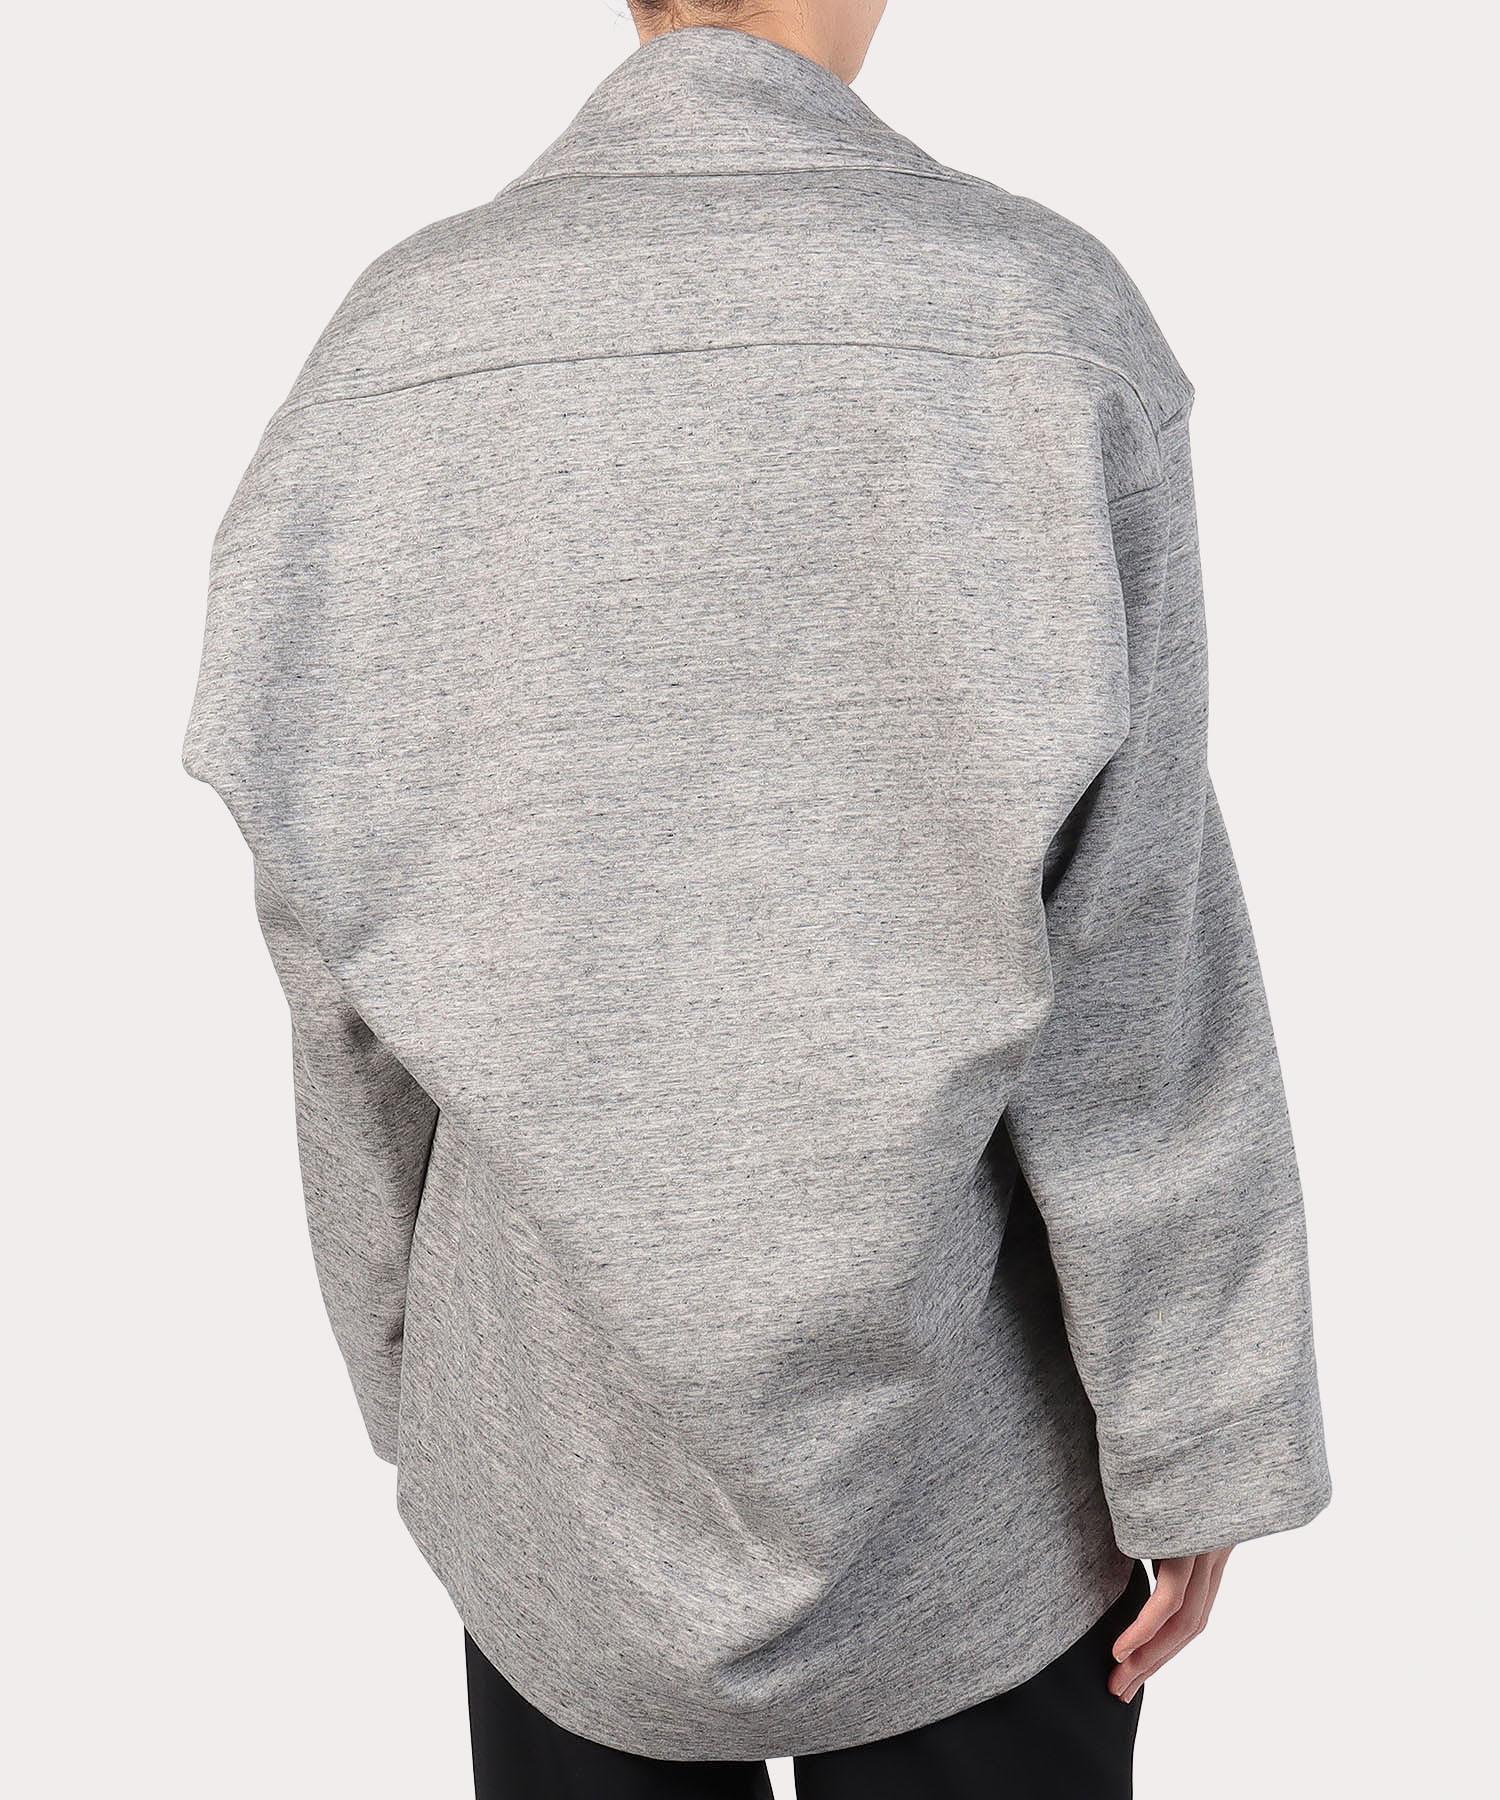 リバーピロー ボックスジャケット